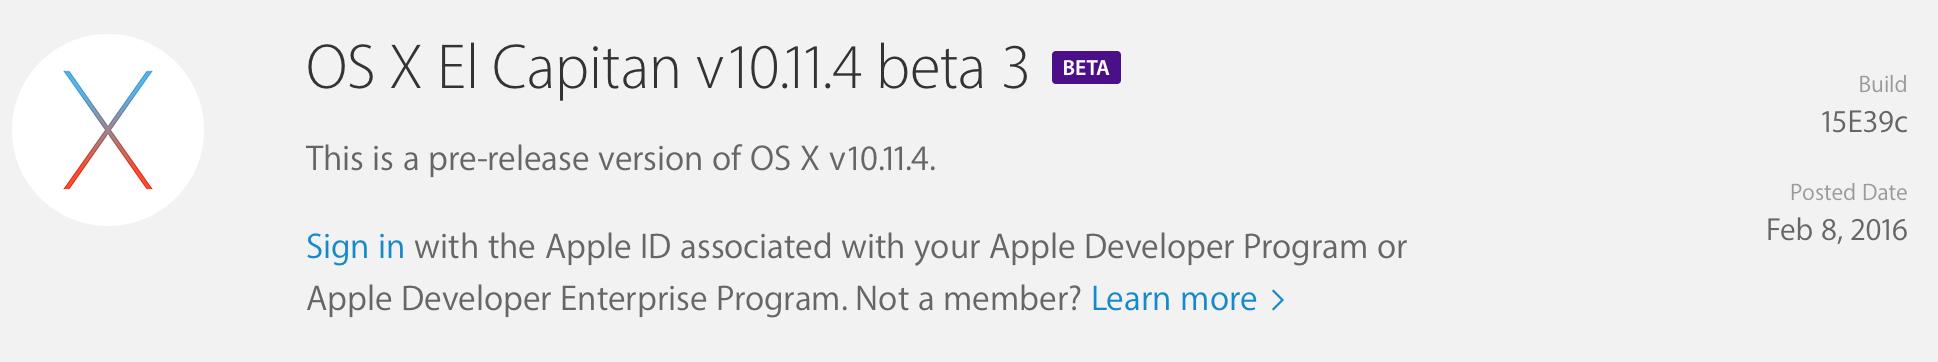 OS X Beta-Release-bildschirmfoto-2016-02-08-um-19.14.21.png